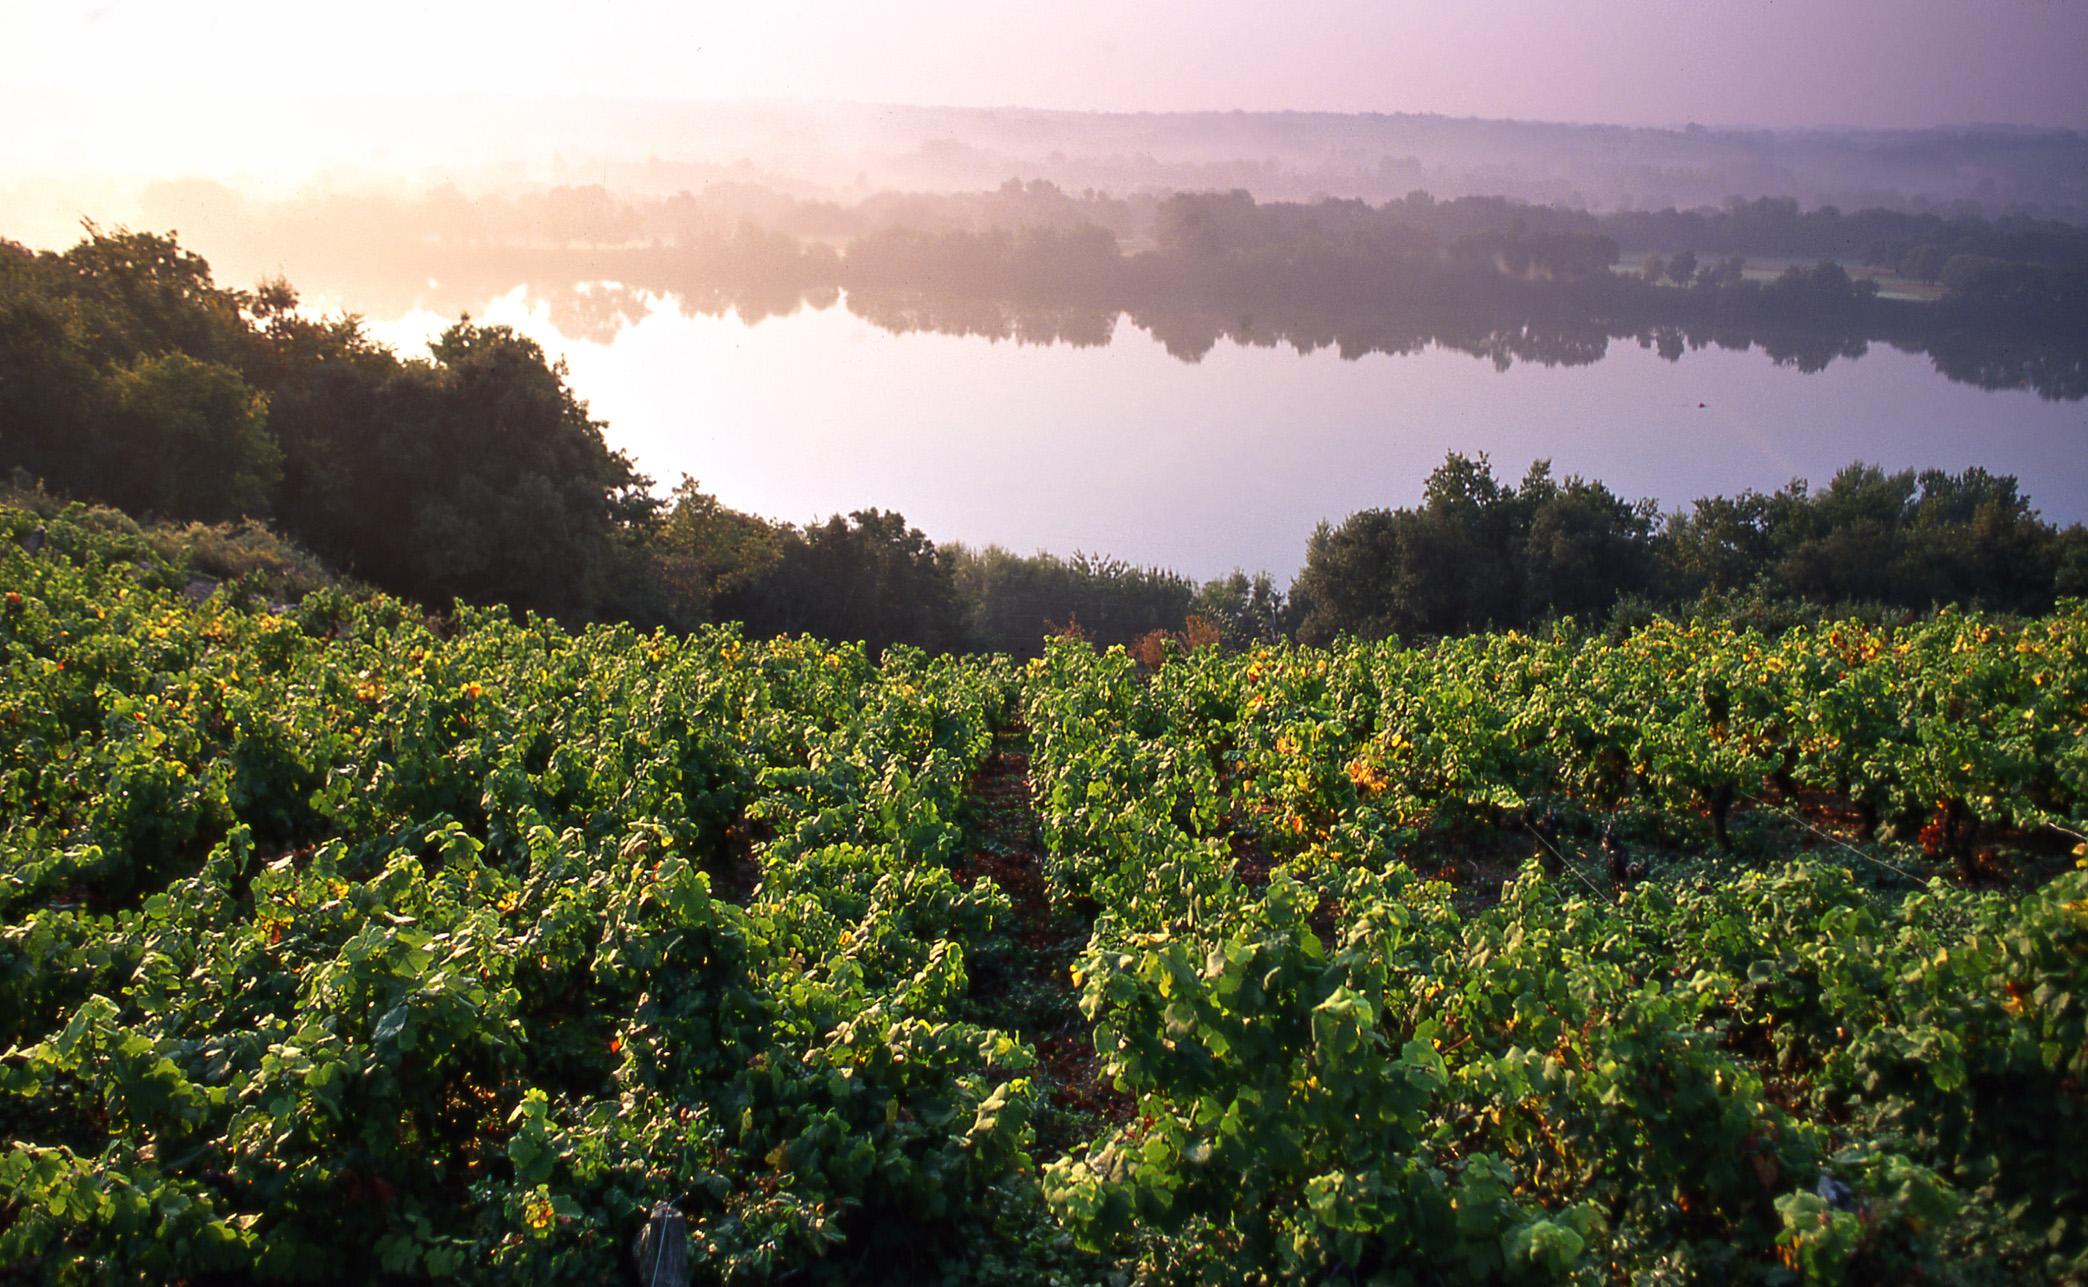 offre comité d'entrerpise vacance et loisirs en Pays de la Loire - offre comité d'entreprise magazine Influence!ce-20